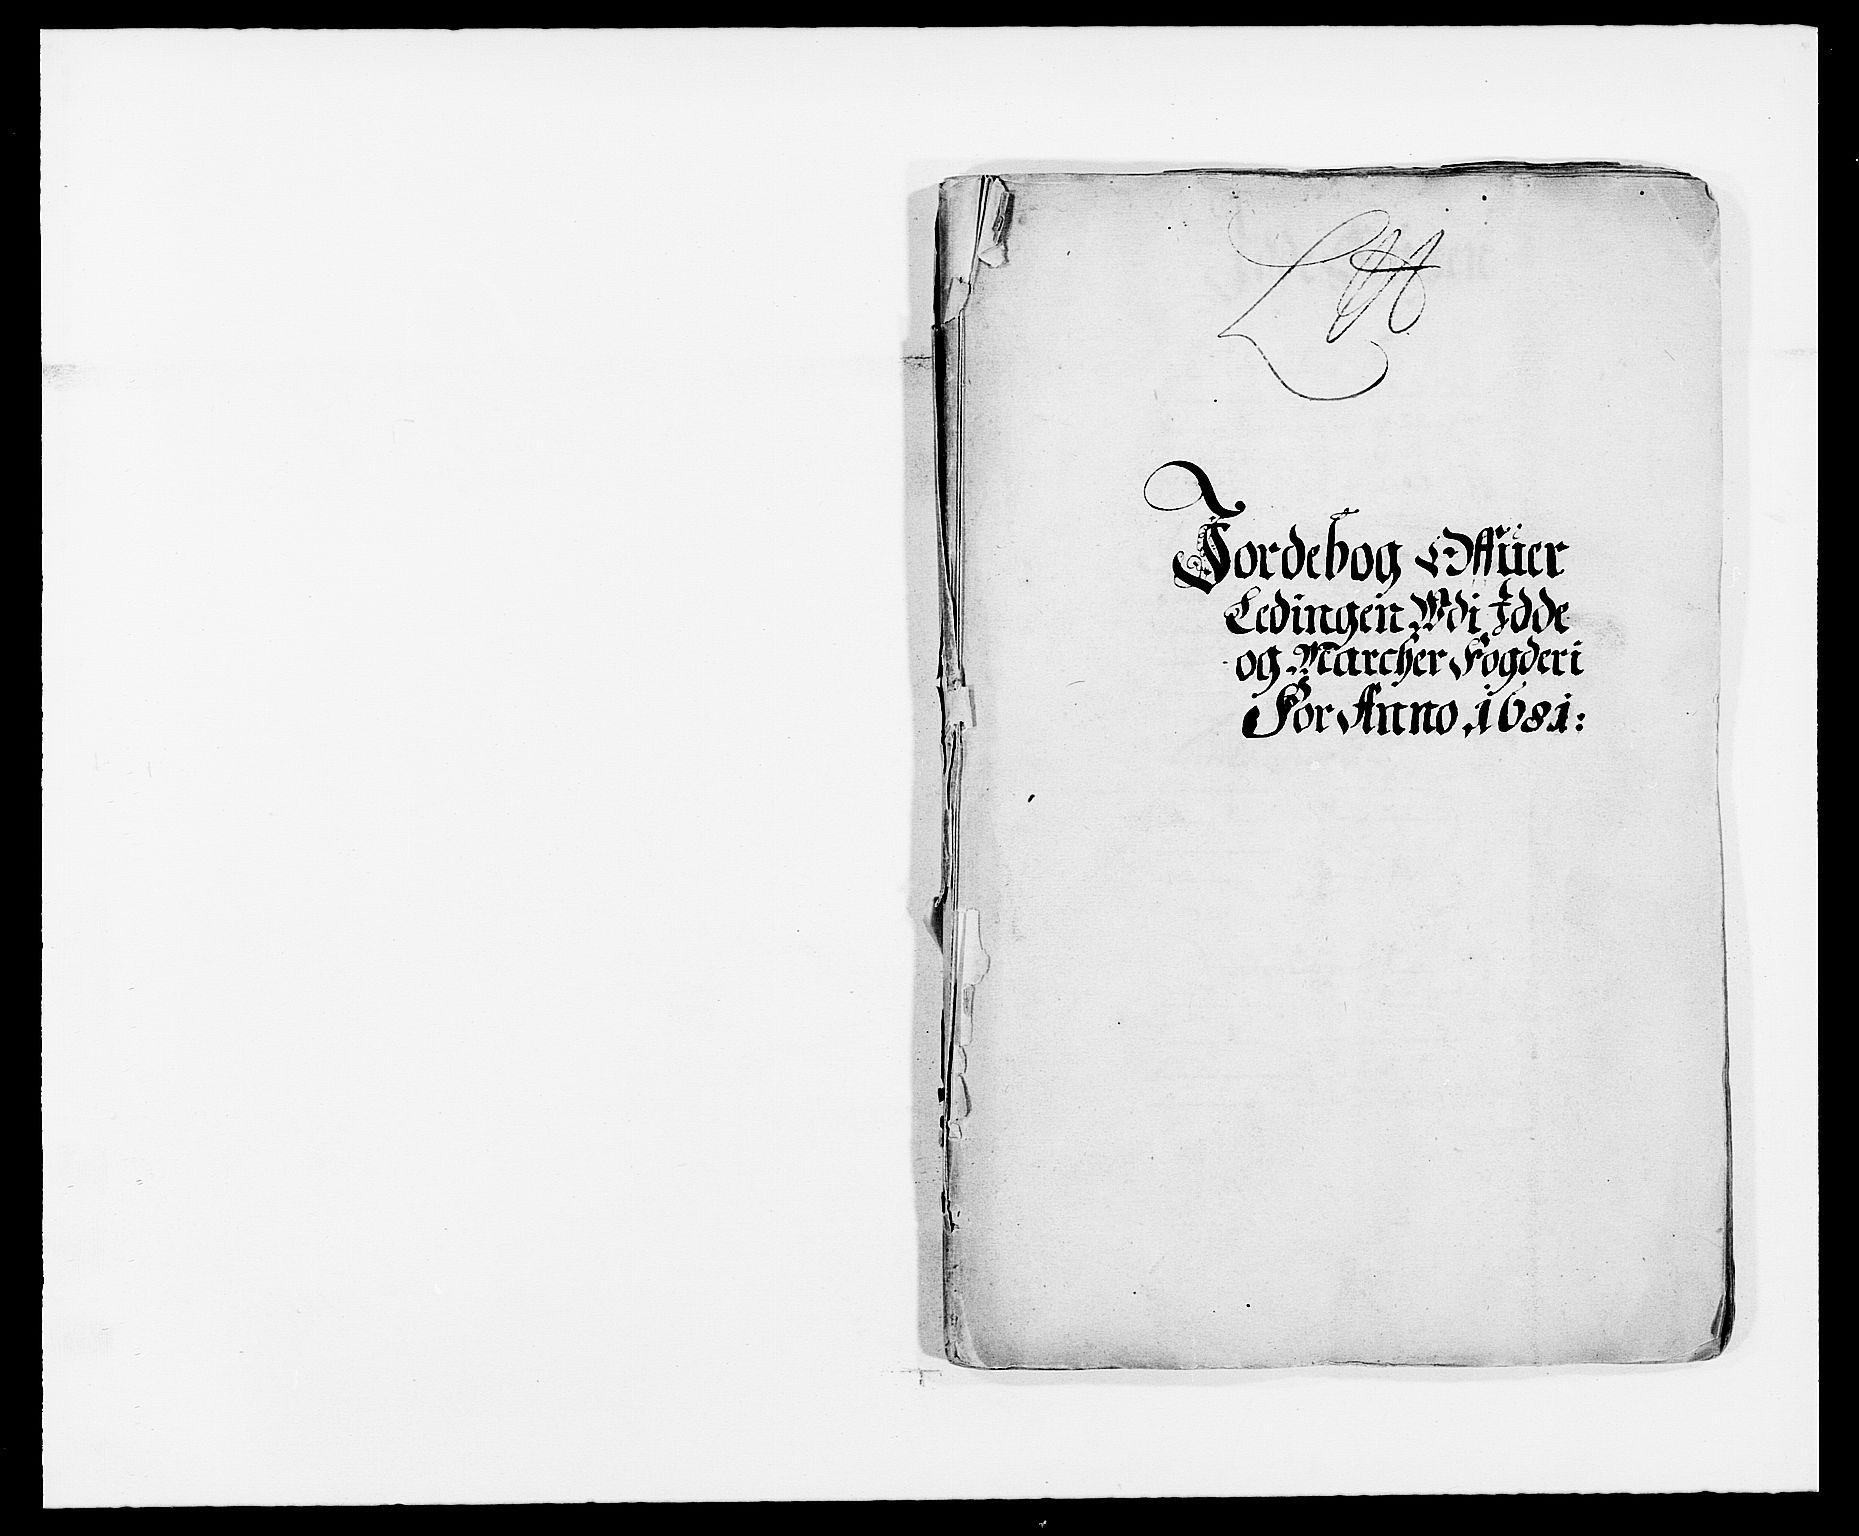 RA, Rentekammeret inntil 1814, Reviderte regnskaper, Fogderegnskap, R01/L0003: Fogderegnskap Idd og Marker, 1678-1681, s. 6